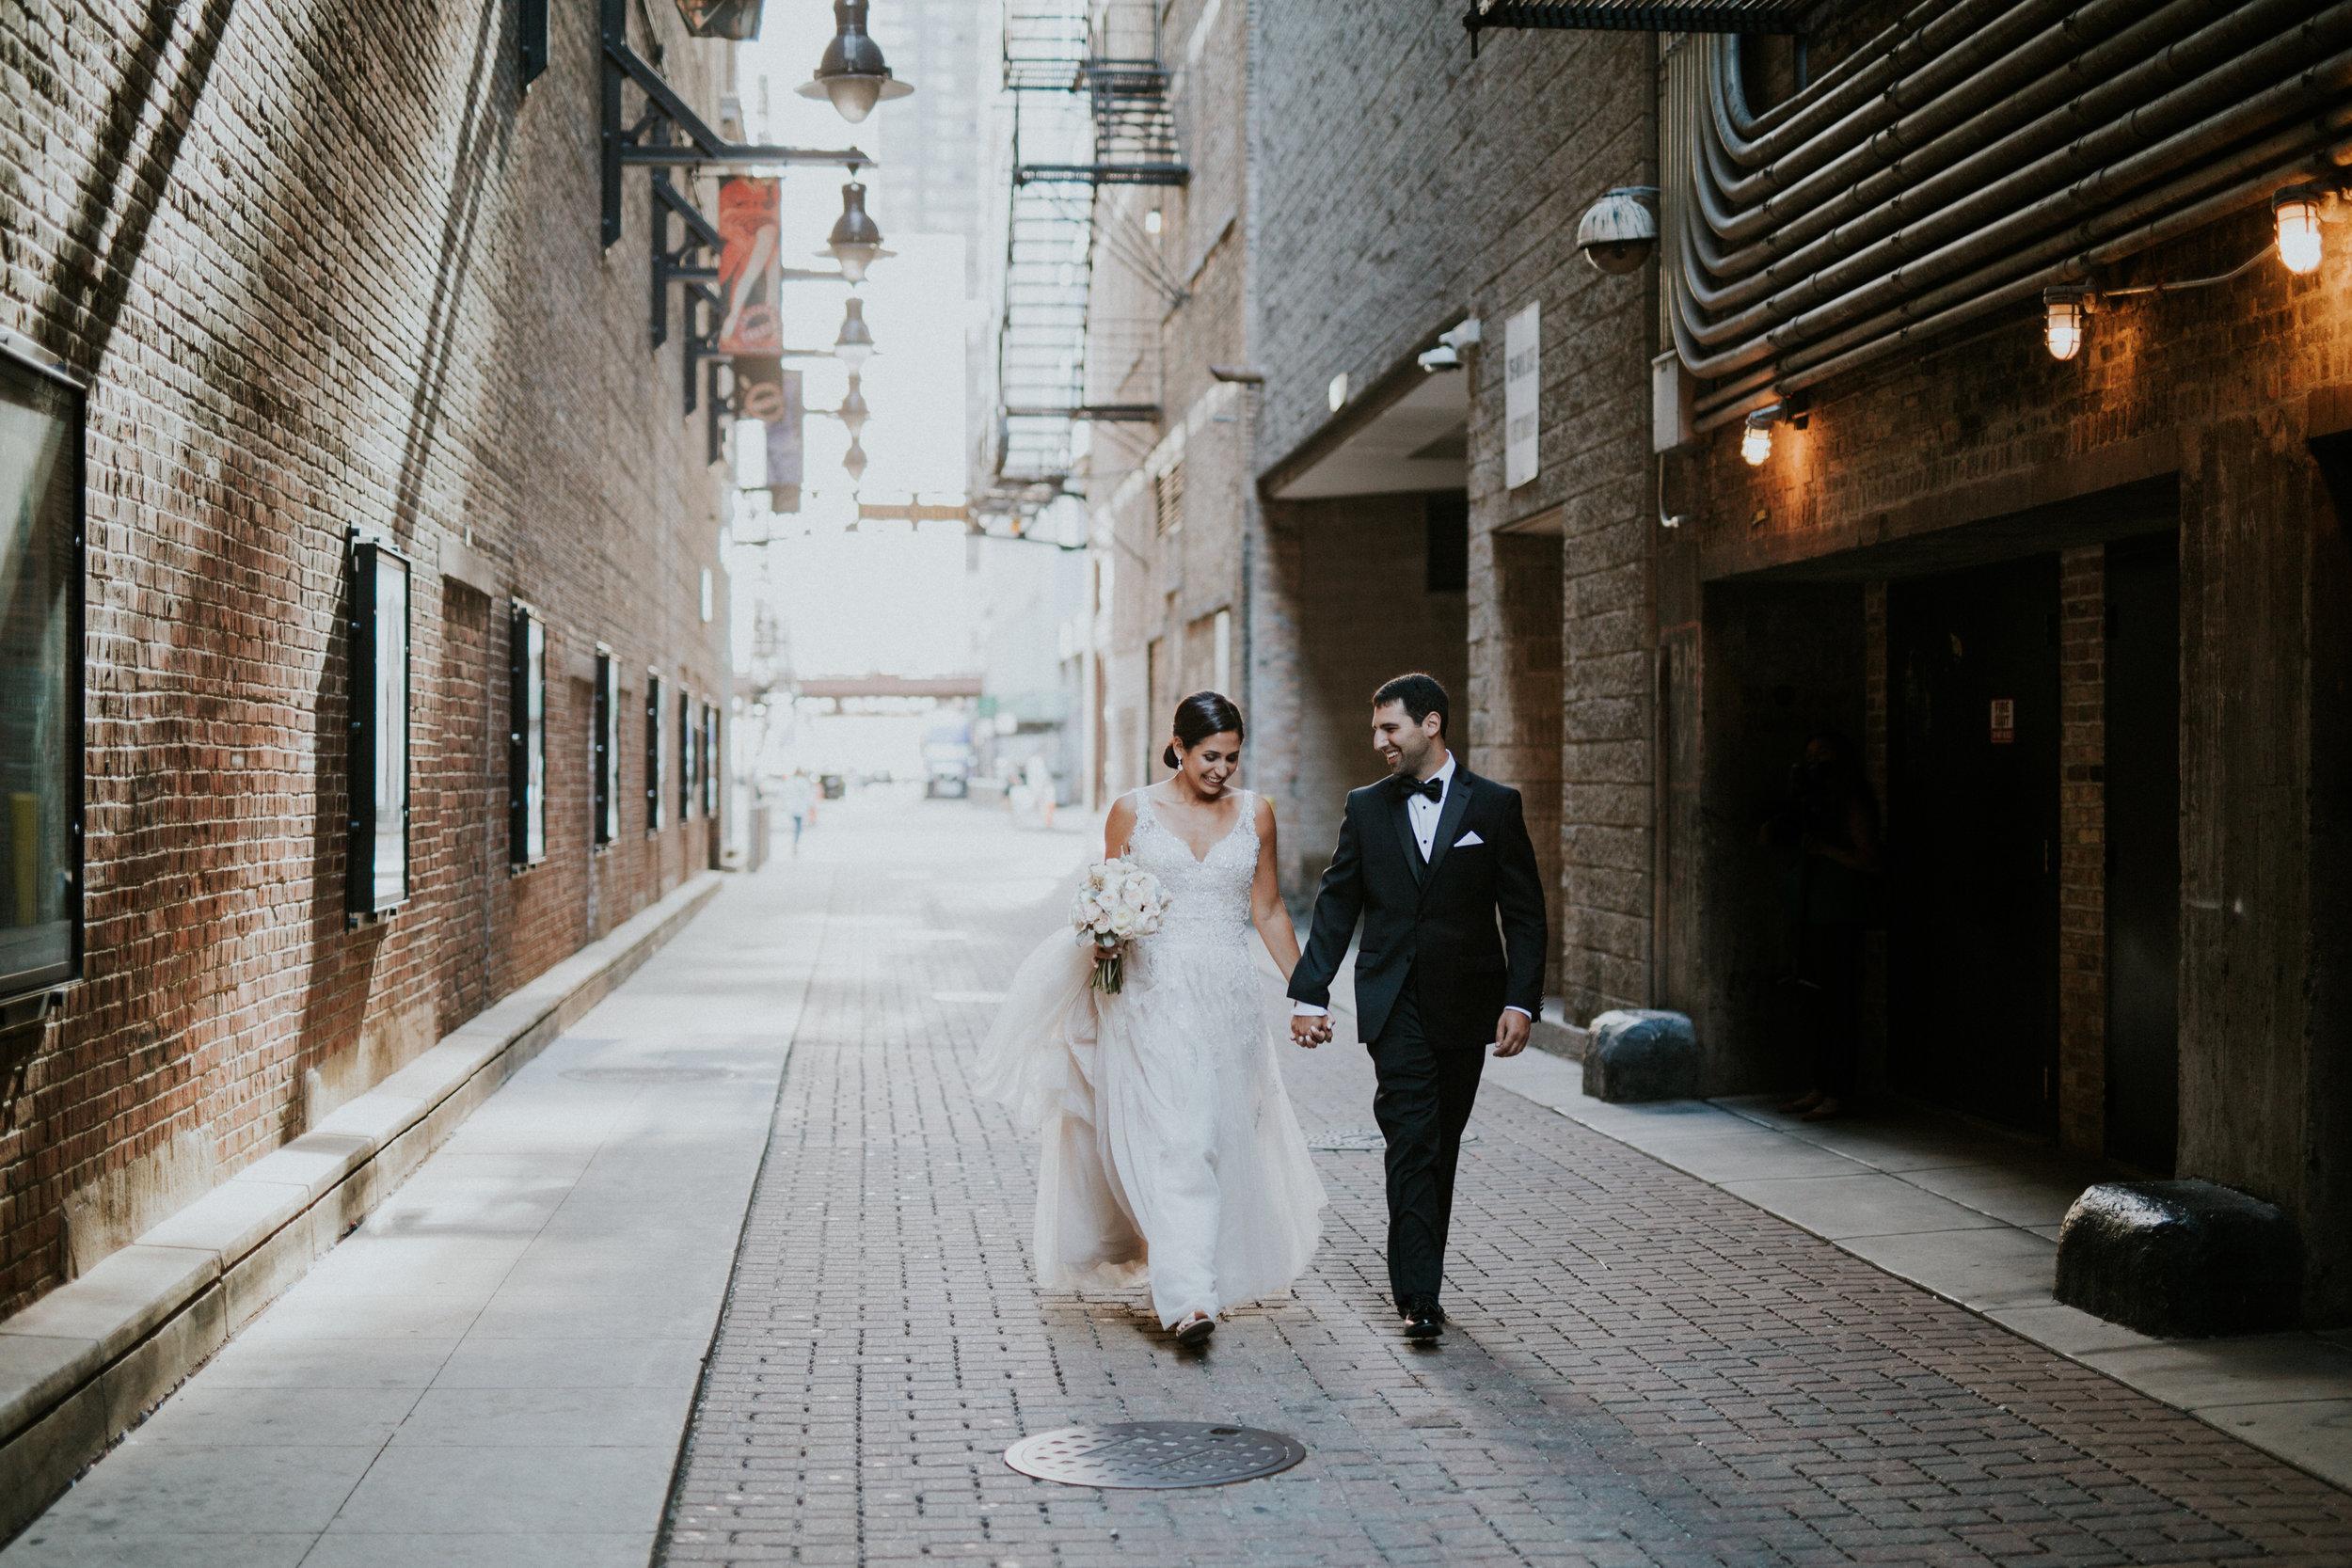 Scott-Alyse_Wedding-Day-221.jpg